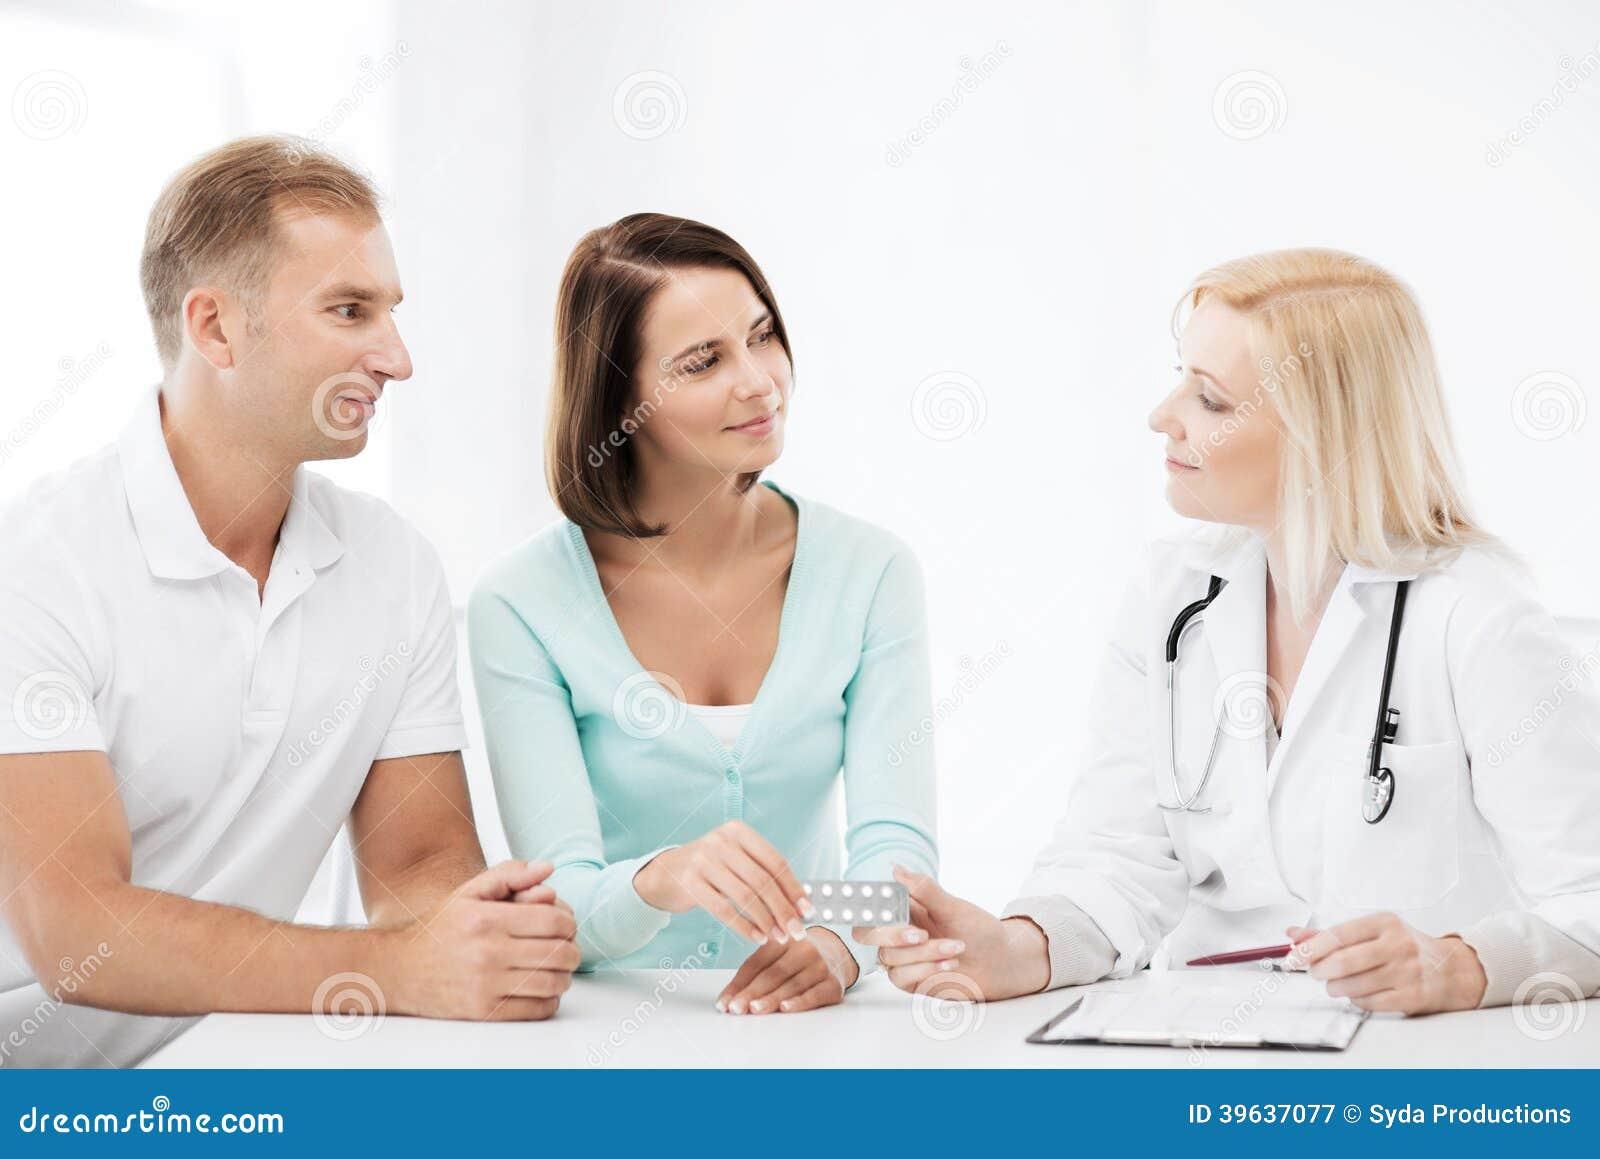 порно спящие у врача